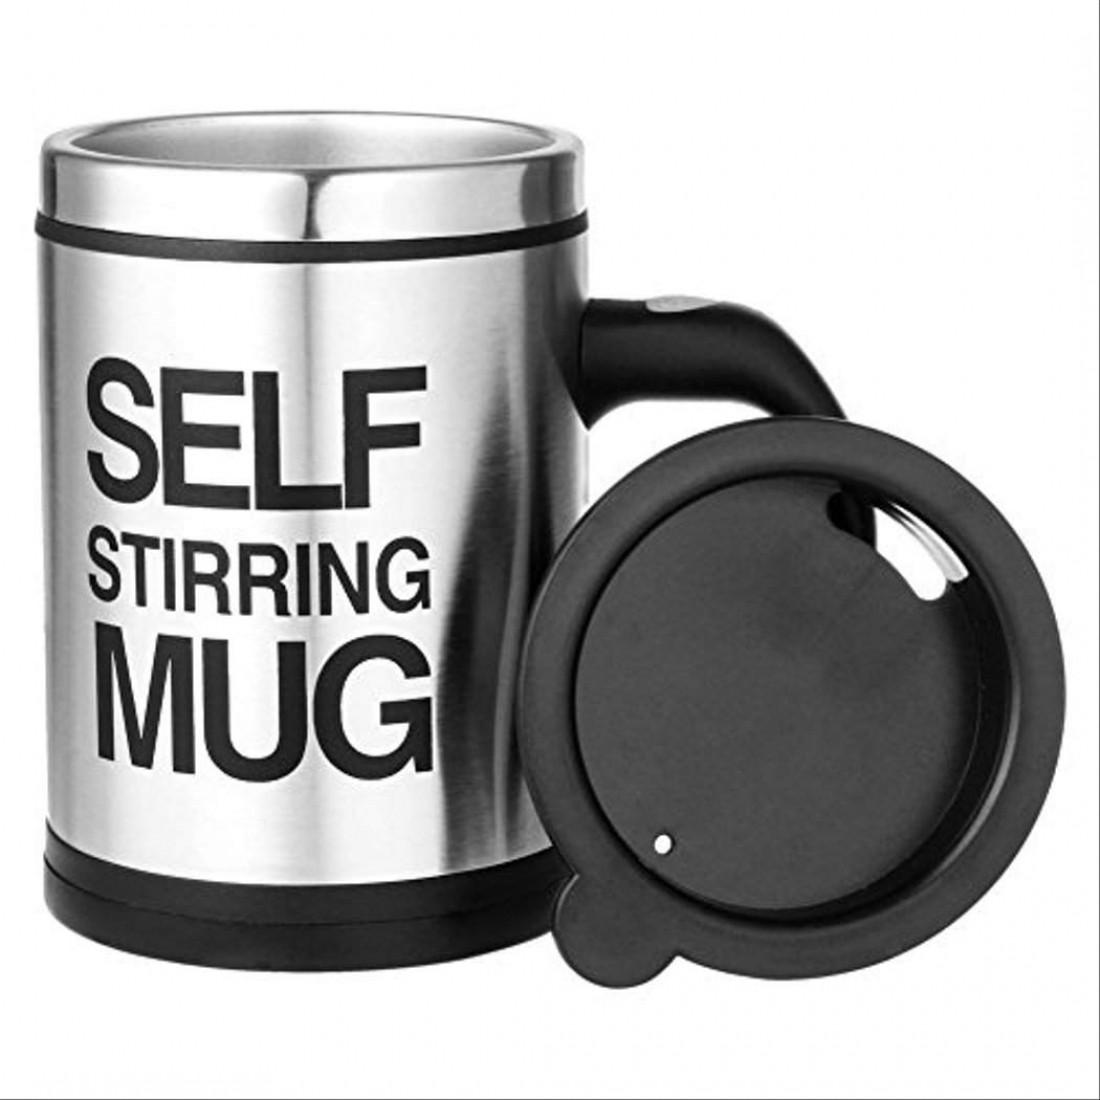 Кружка мішалка Self Stirring Mug 001 термокружка 130126